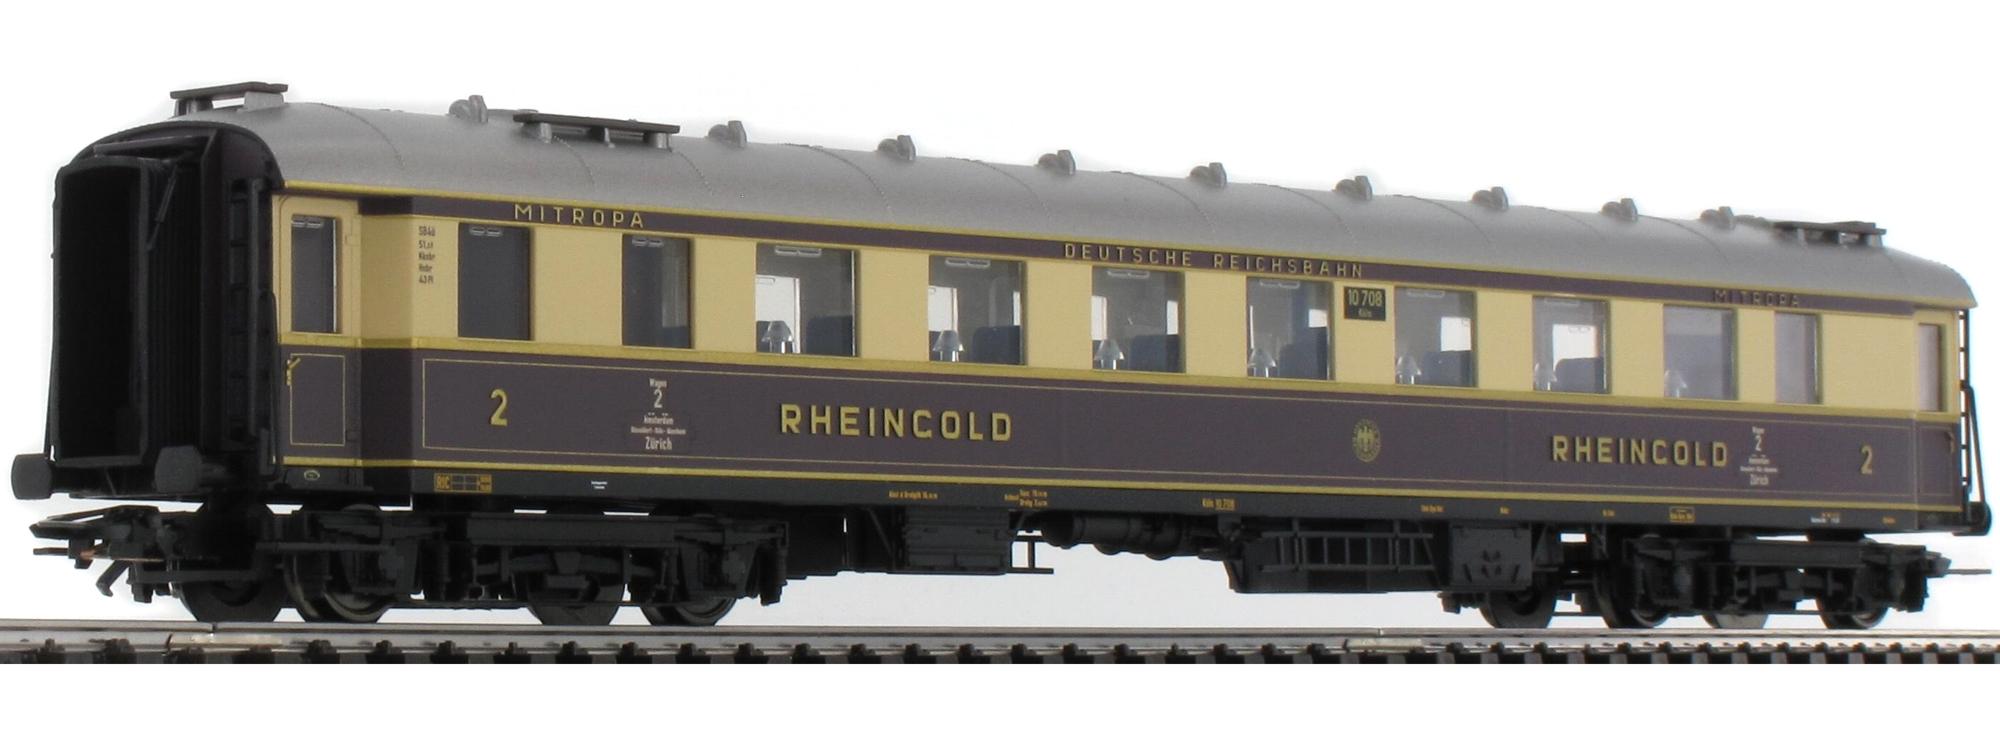 TRIX t21928 zugpackung Rheingold 1928